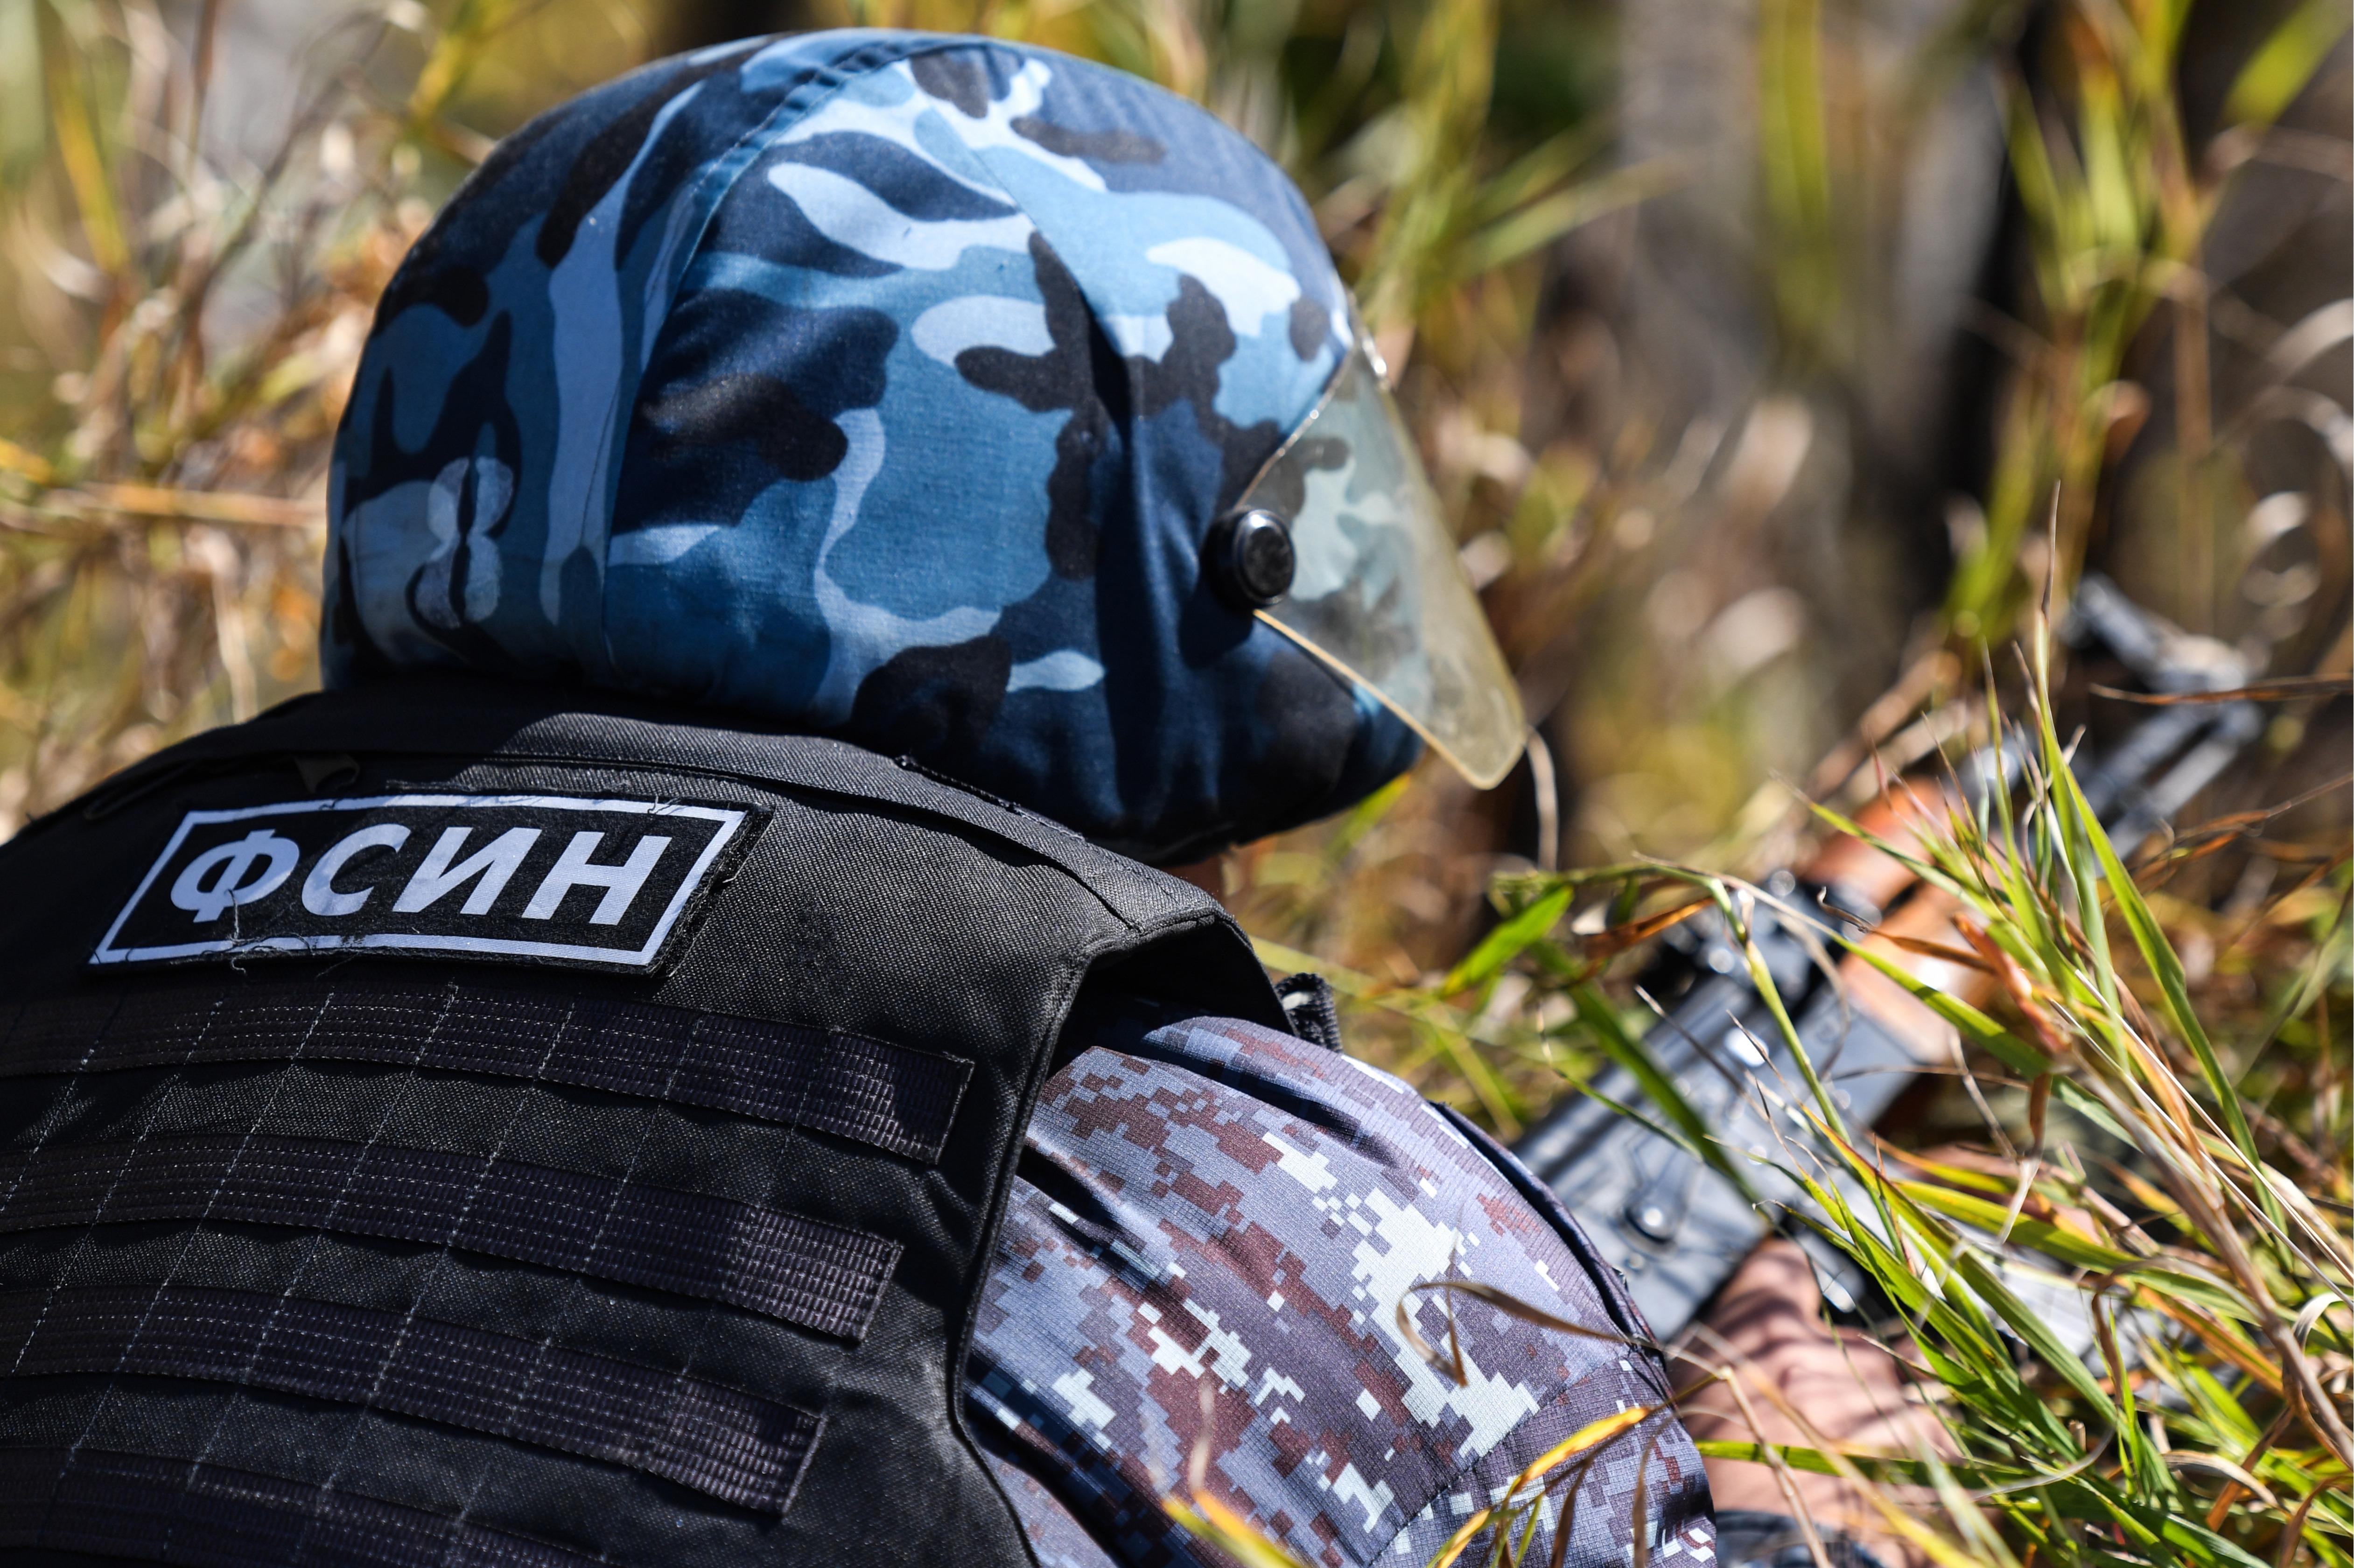 В перестрелке меж сотрудниками ФСИН в Ингушетии пострадал одинехонек человек